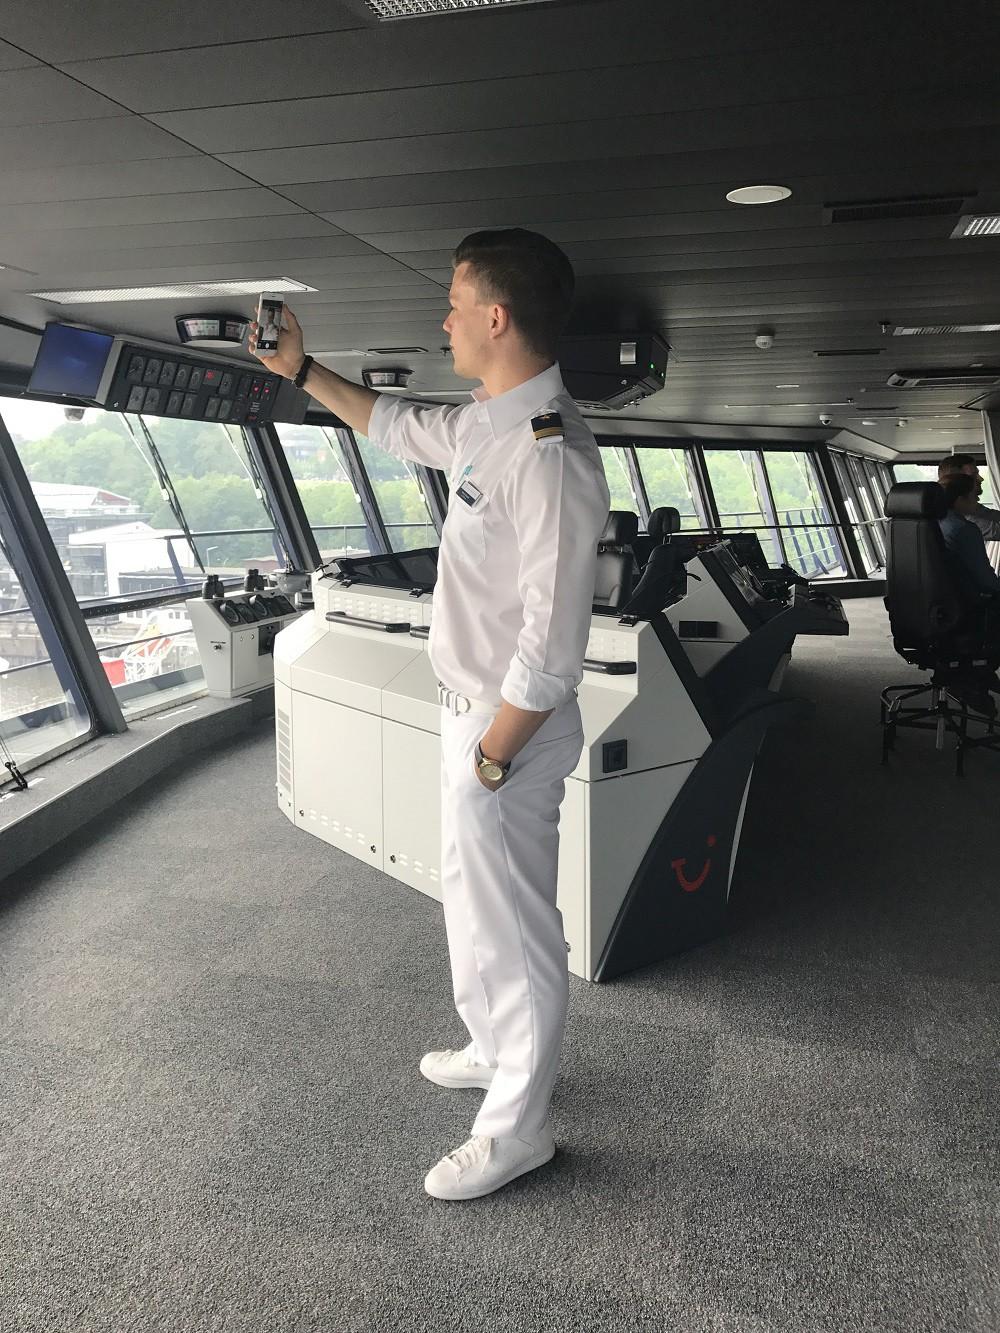 Officer Phil auf der Brücke der Mein Schiff 1